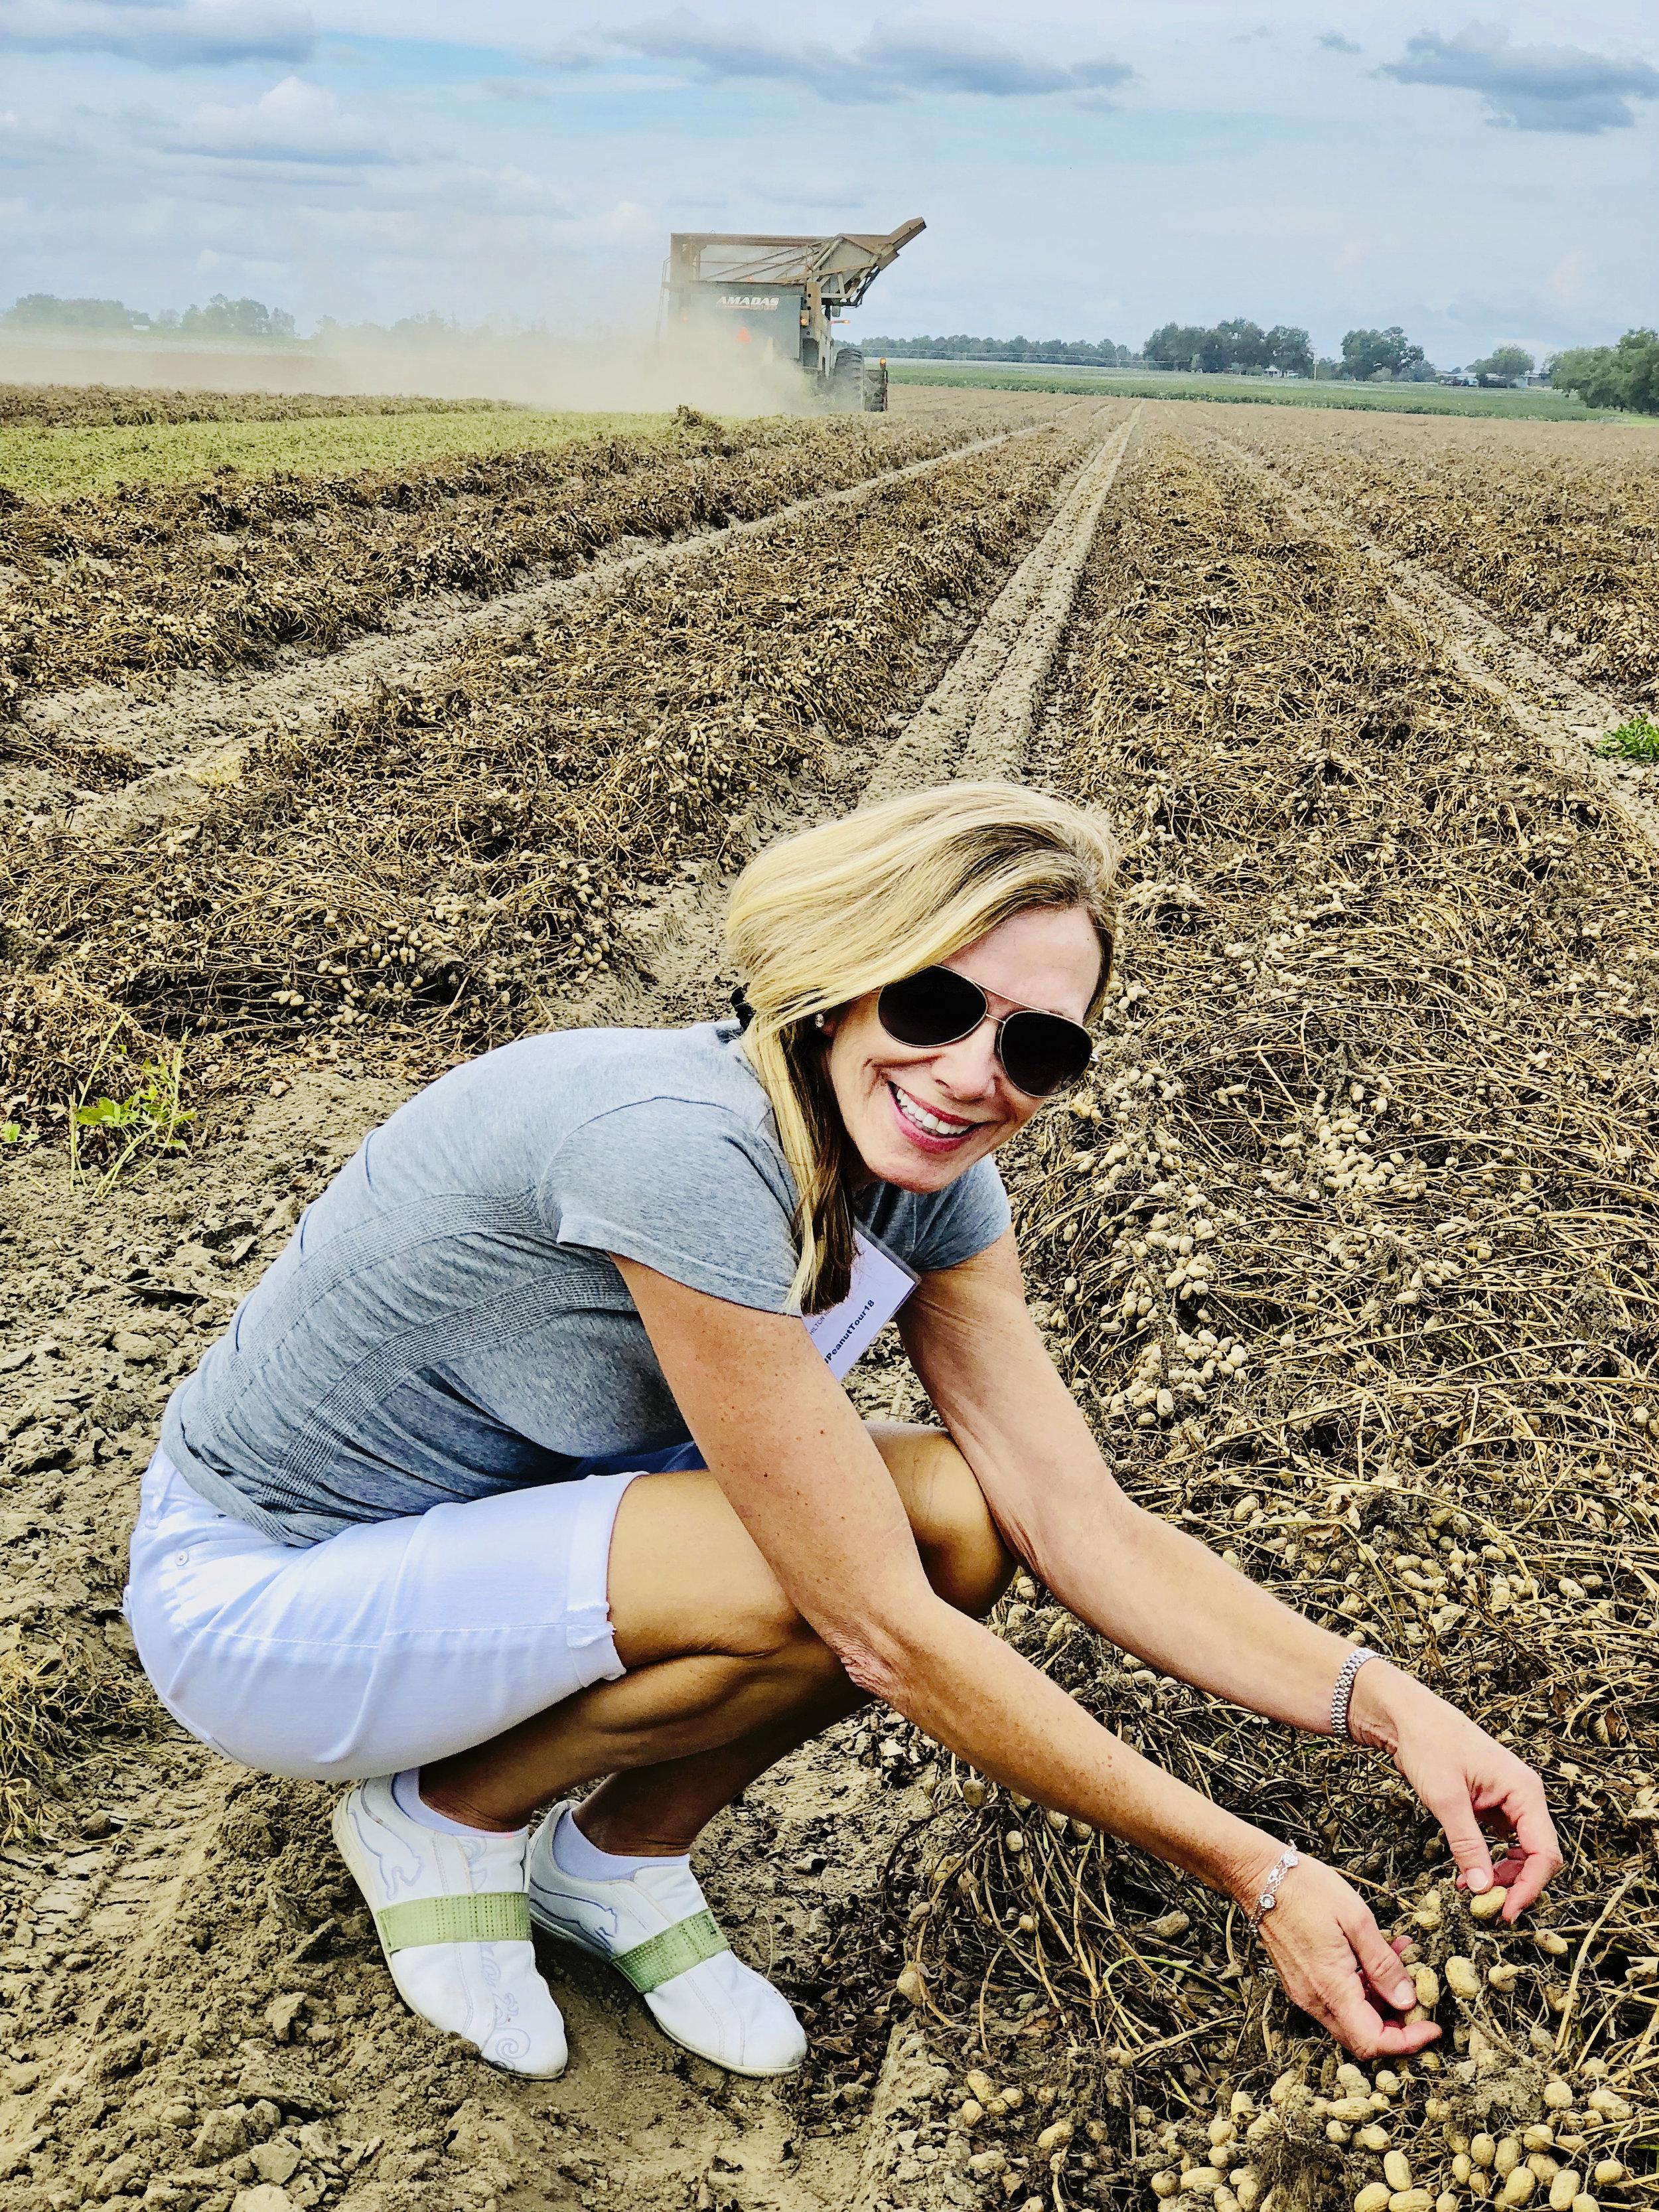 Harvesting Peanuts!